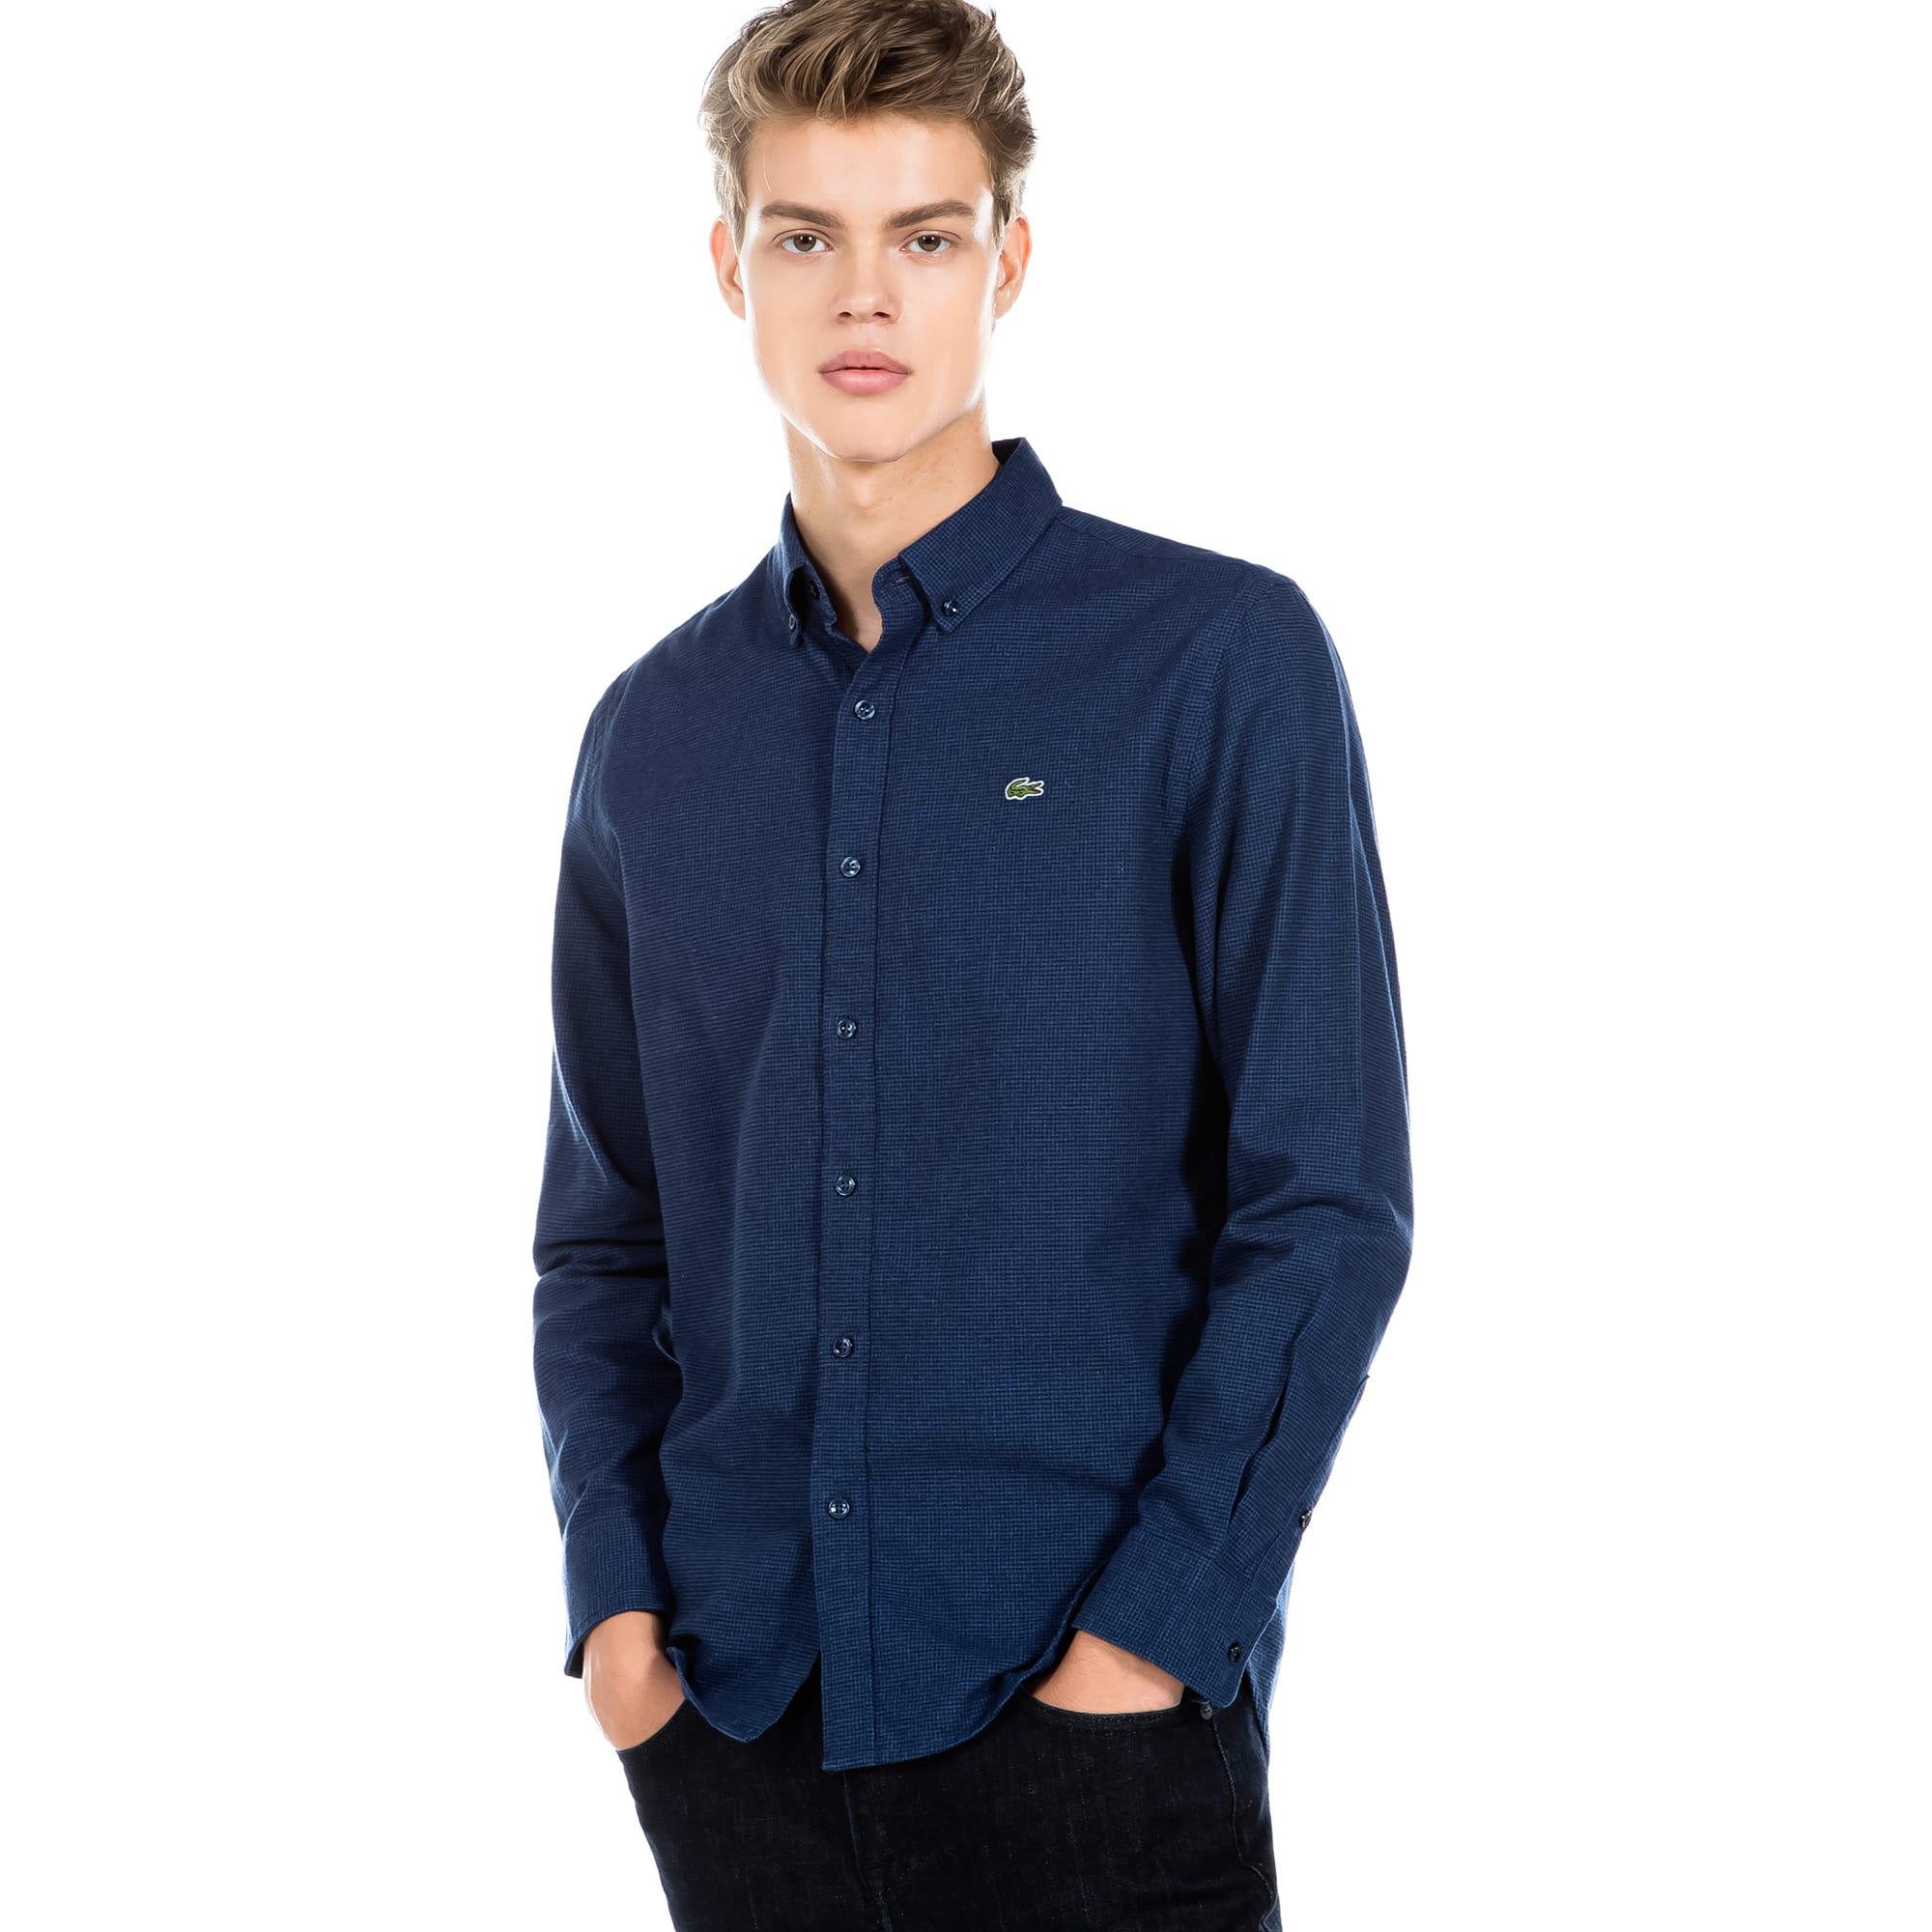 (남성) 라코스테 나노 하운드투스패턴 플라넬 슬림 셔츠